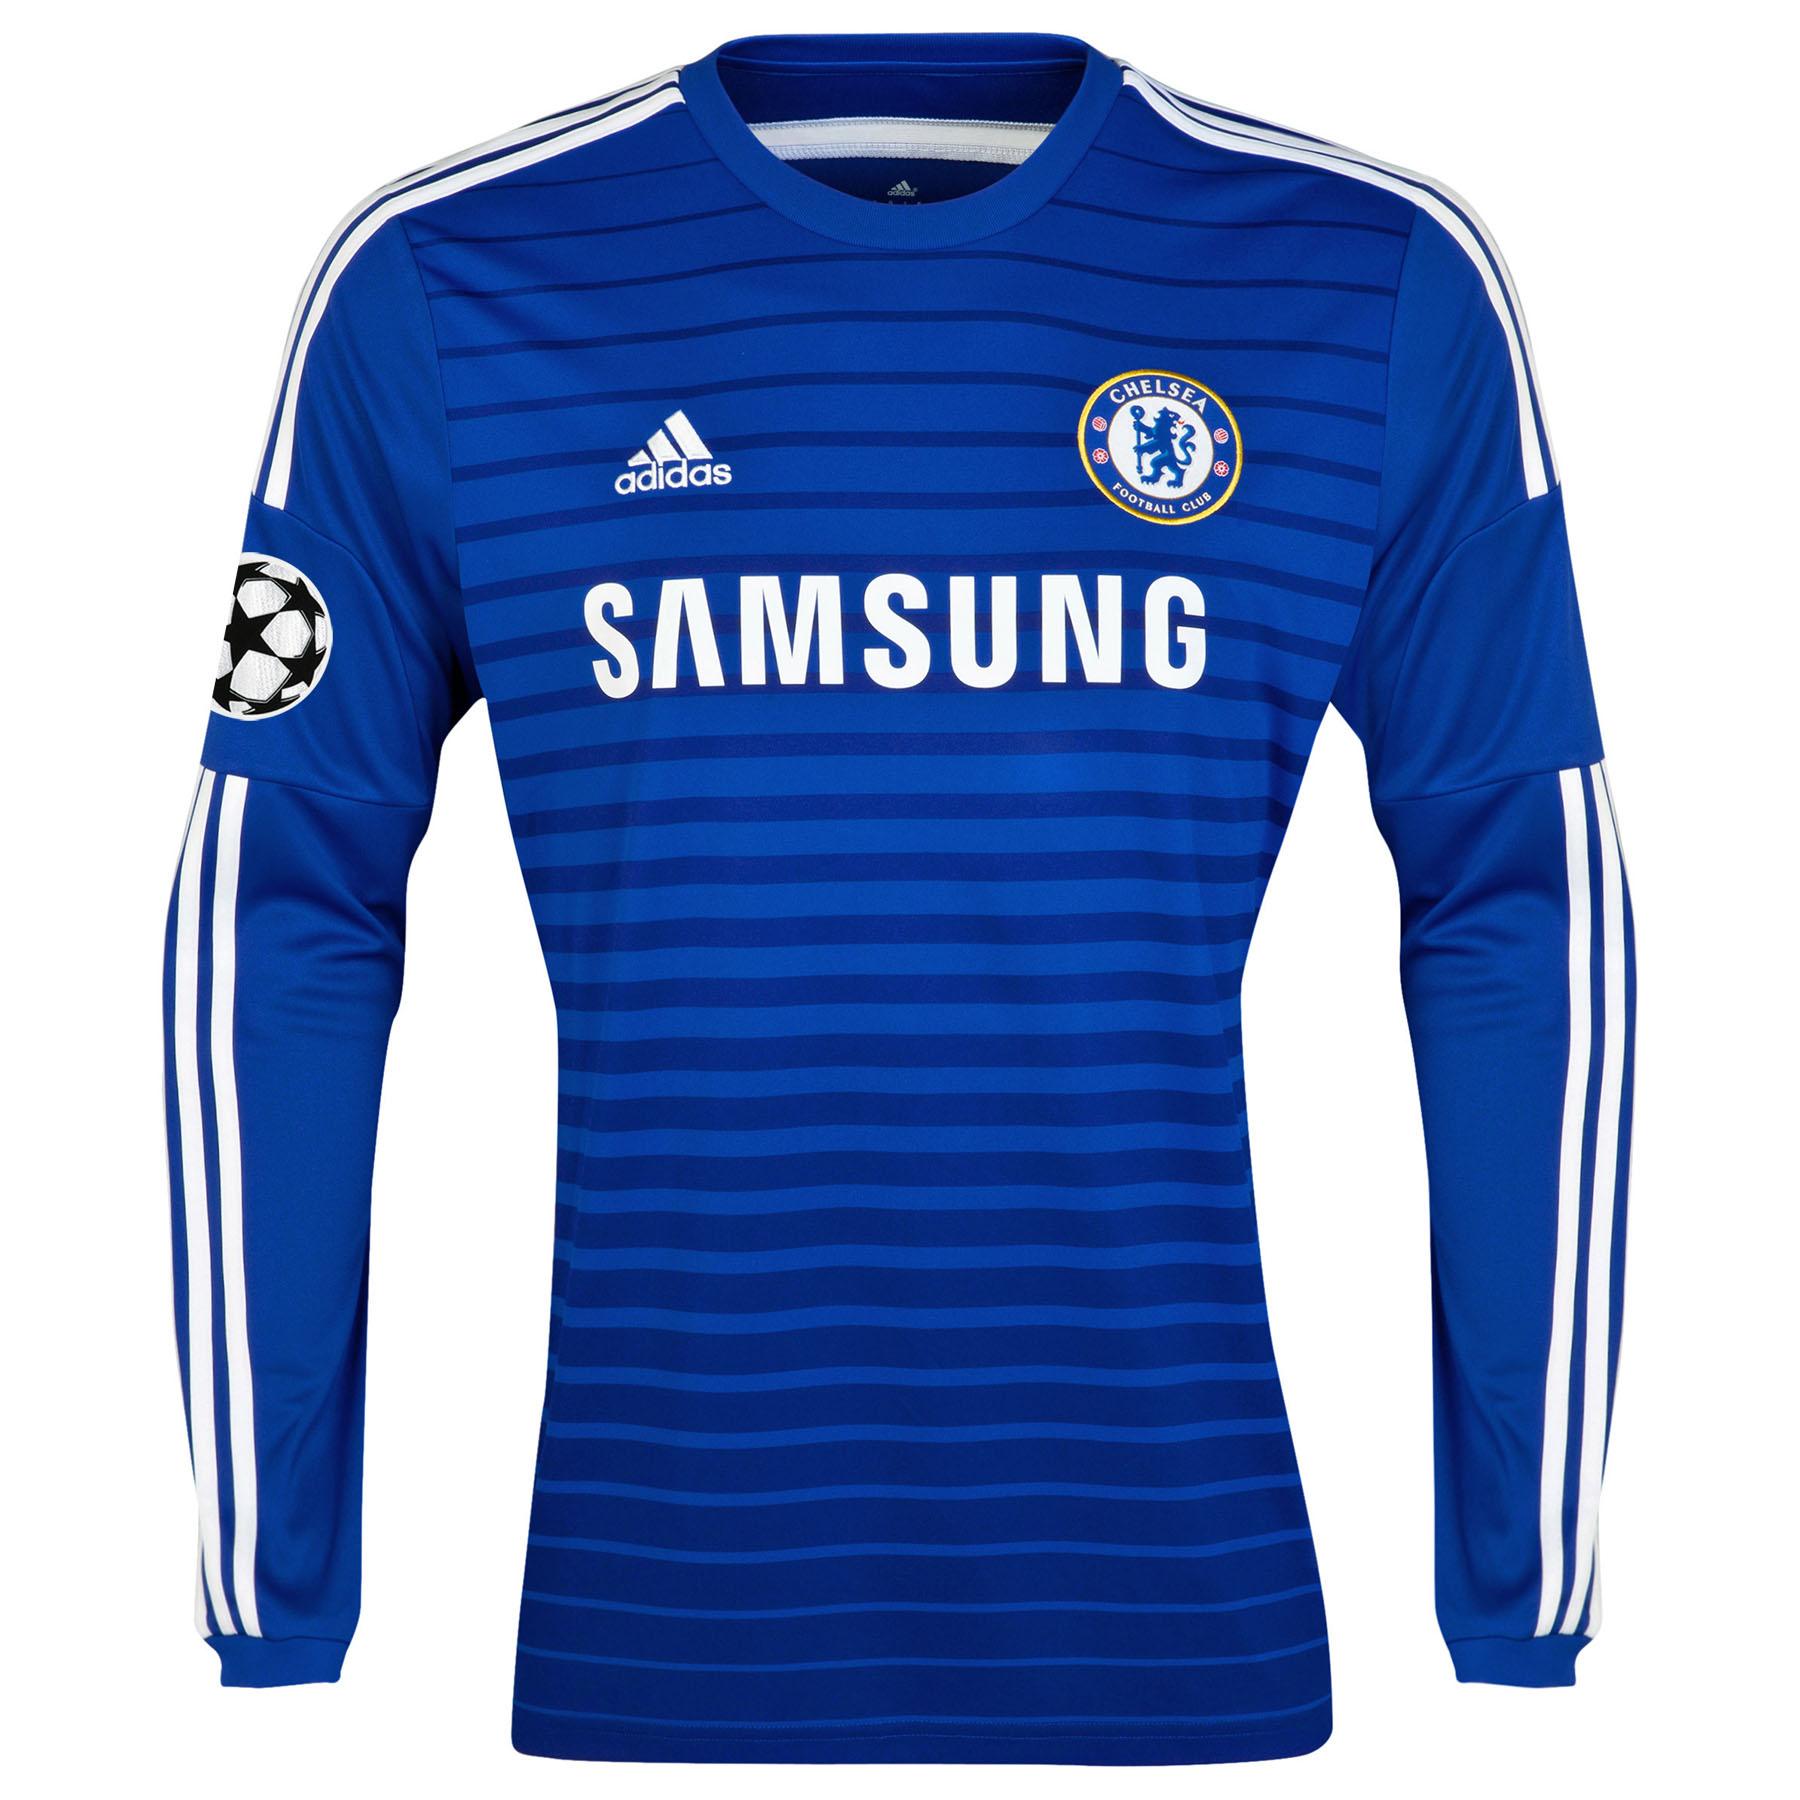 Chelsea UEFA Champions League Home Shirt 2014/15 - Long Sleeve